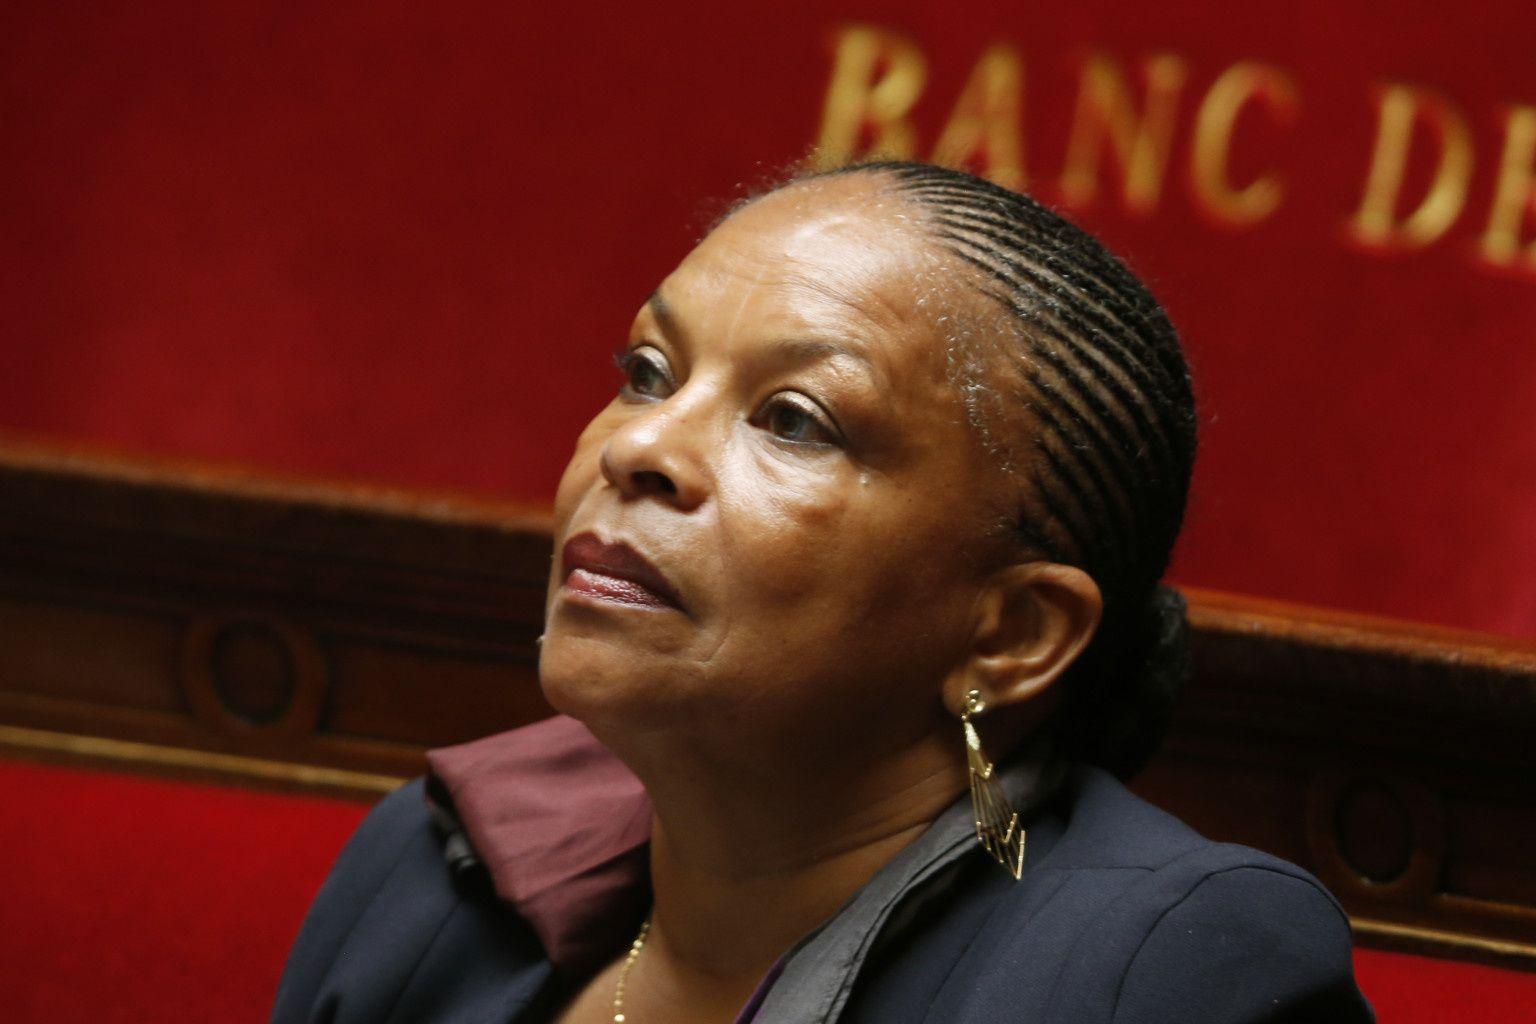 Christiane Taubira quitte le gouvernement, Jean-Jacques Urvoas la remplace : mais qui est-il ?